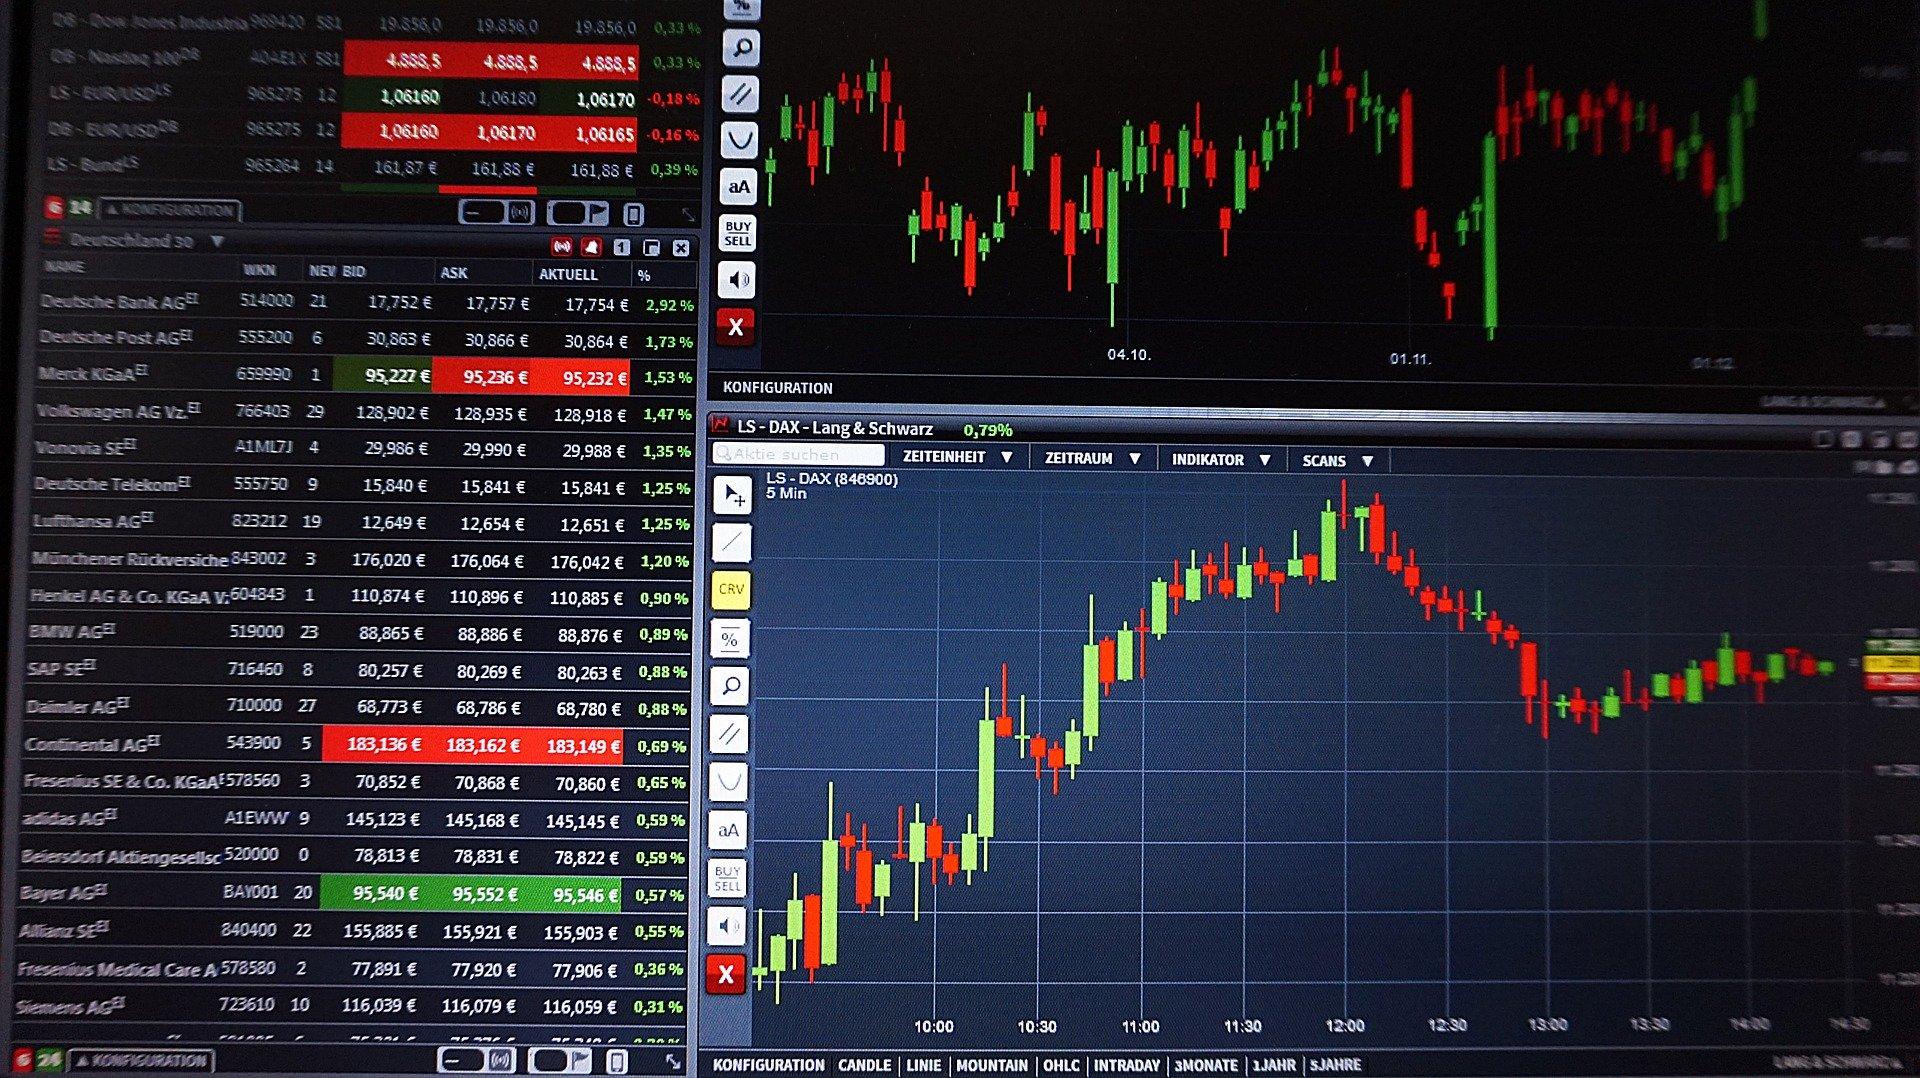 Corona-Krise & Corona Panik an den Aktien-Märkten